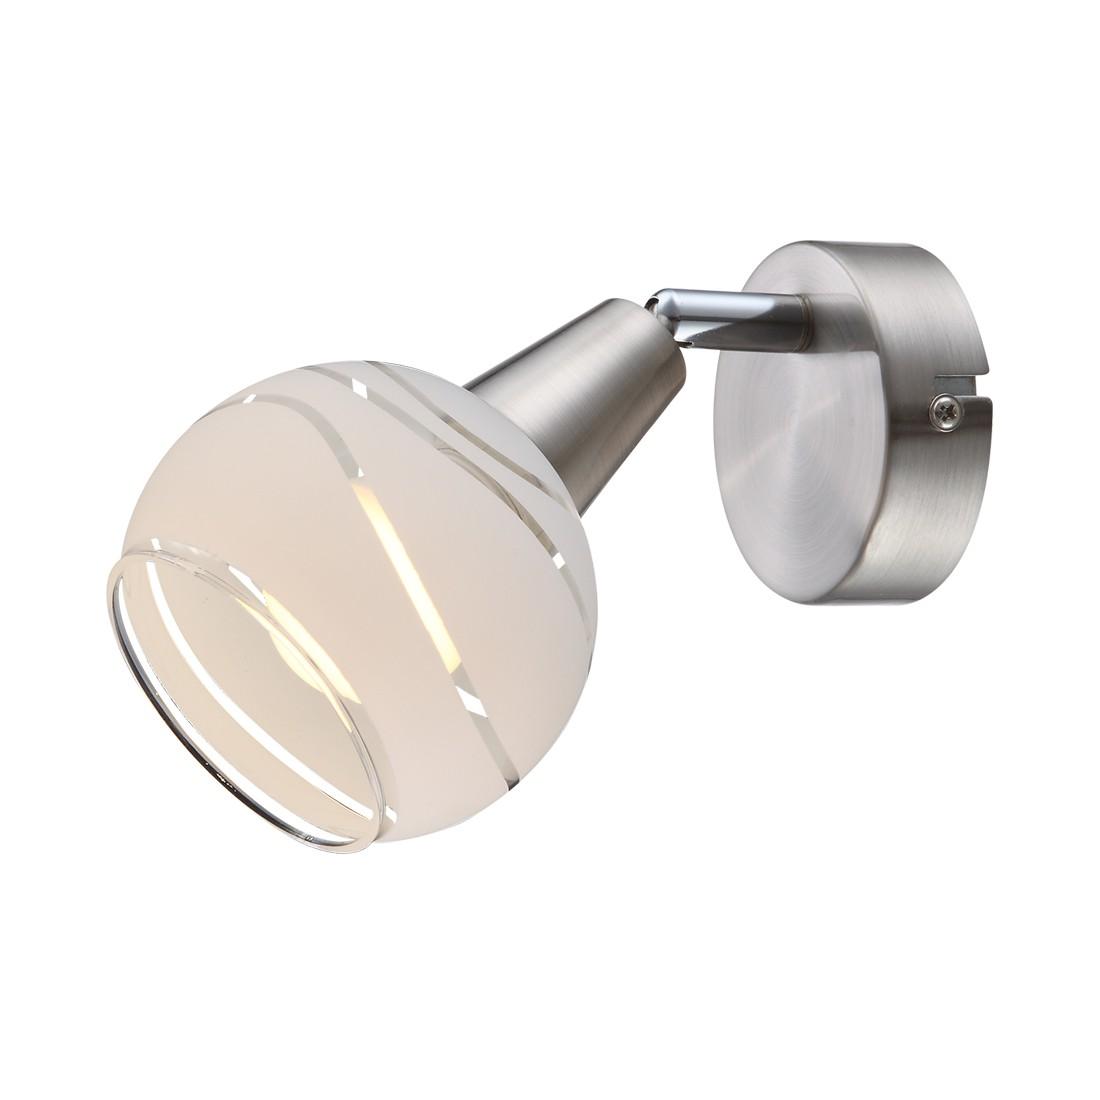 EEK A++, Wandstrahler ELLIOTT – Nickel/Glas – 1-flammig, Globo Lighting günstig bestellen